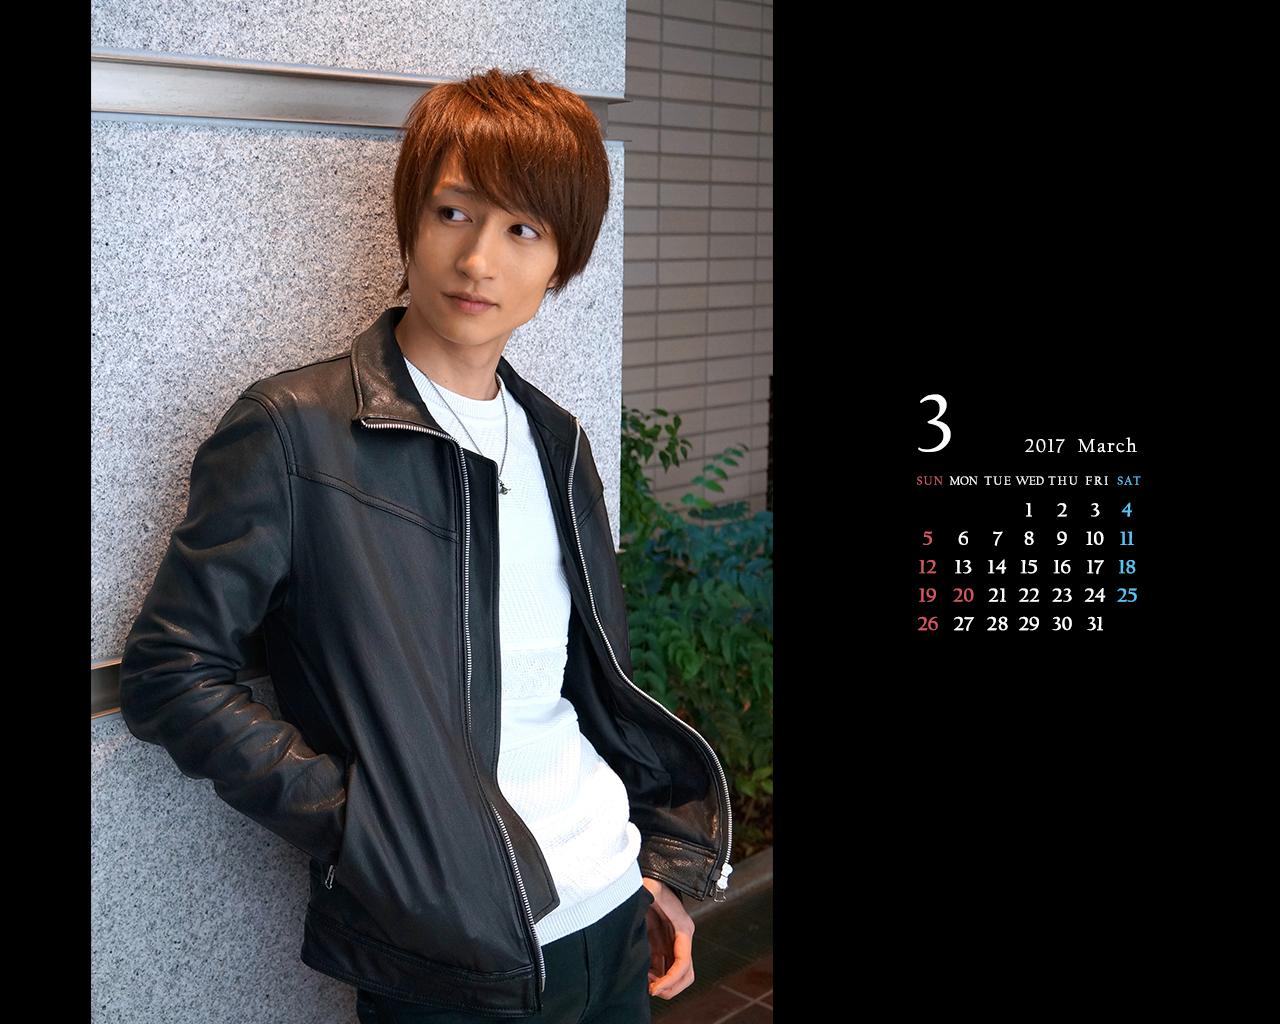 邑ser's guide 会員限定 壁紙(2017年3月カレンダー)